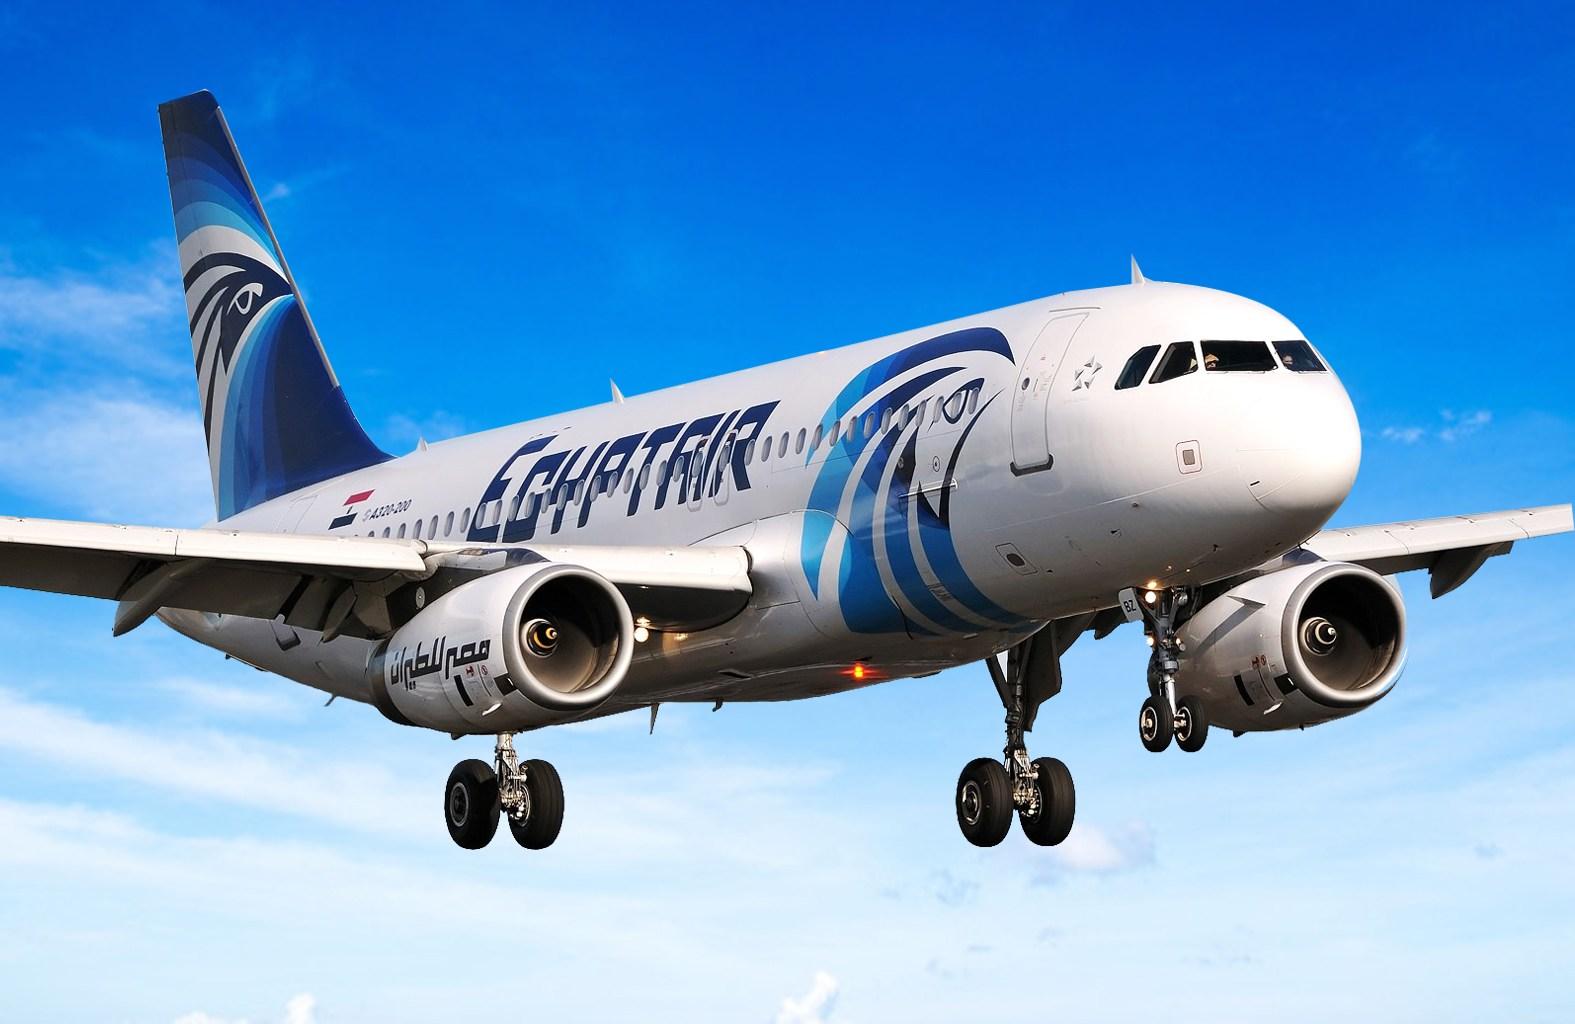 صور طائرة من طائرات شركة مصر للطيران